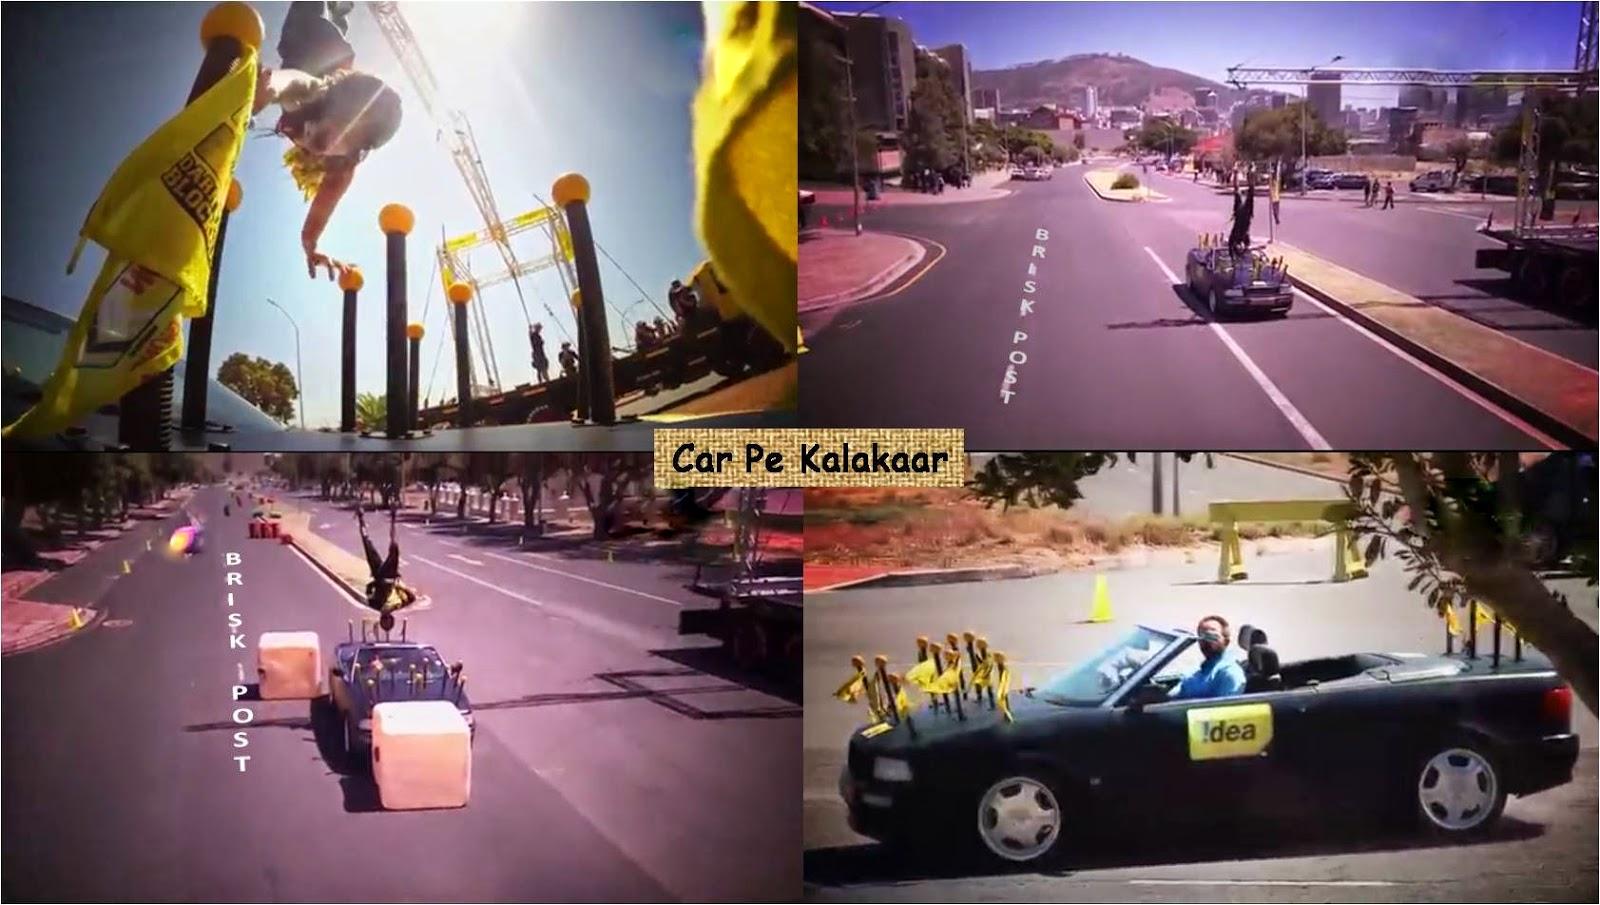 Car Pe Kalakar in Darr Ka Blockbuster Khatron Ke Khiladi Season 5